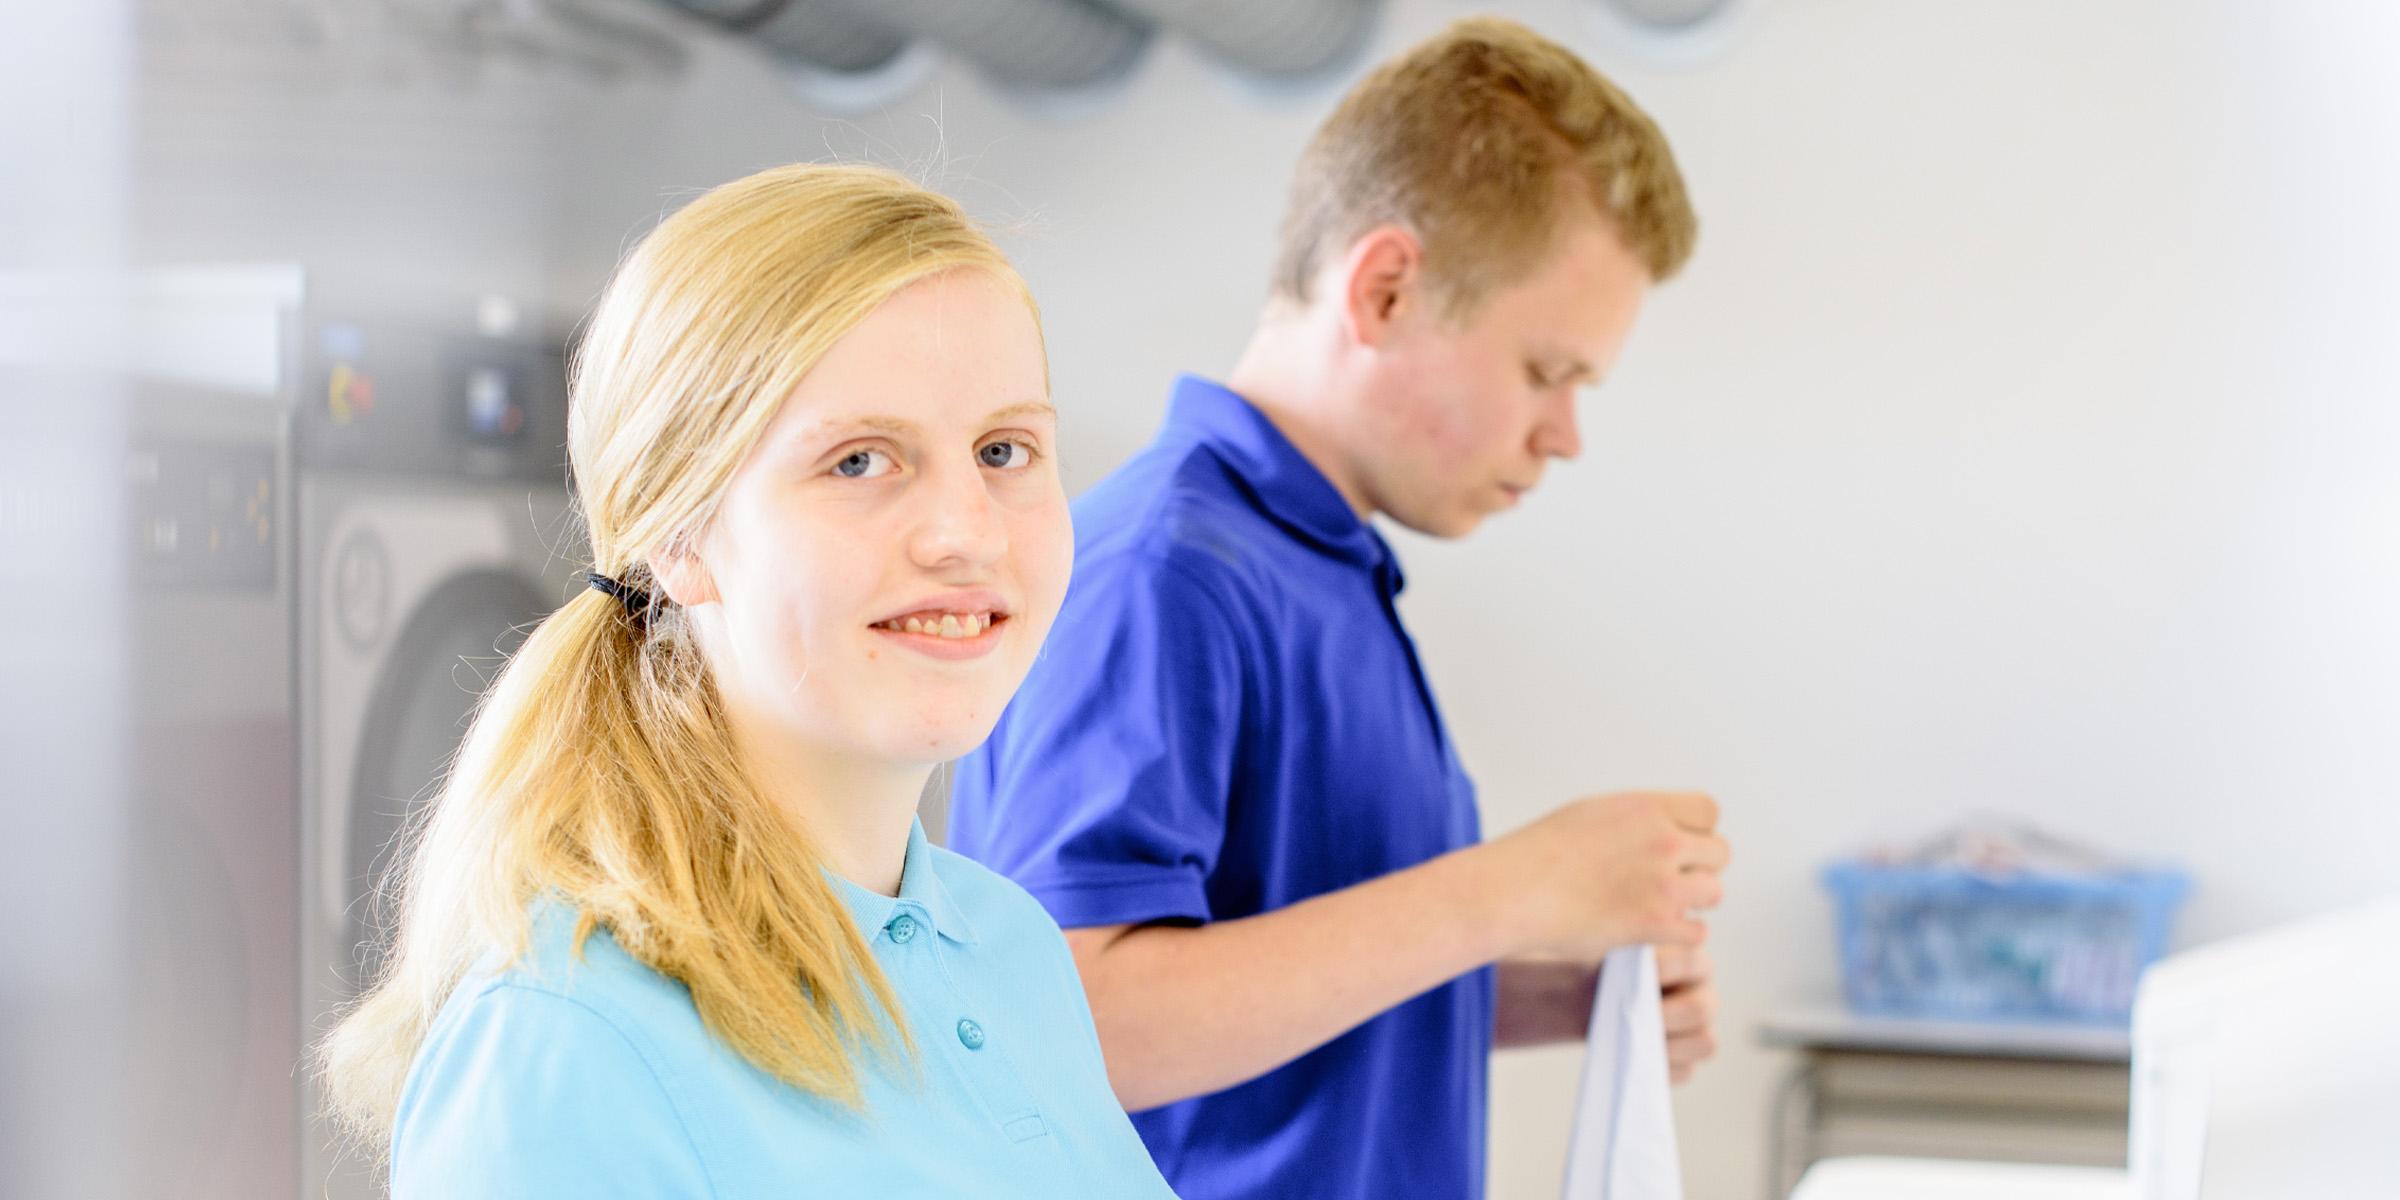 In der bbw Südhessen Textilreinigung arbeiten junge Frauen und auch junge Männer. Hier sehen sie bbw-Azubis beim Falten von Wäsche